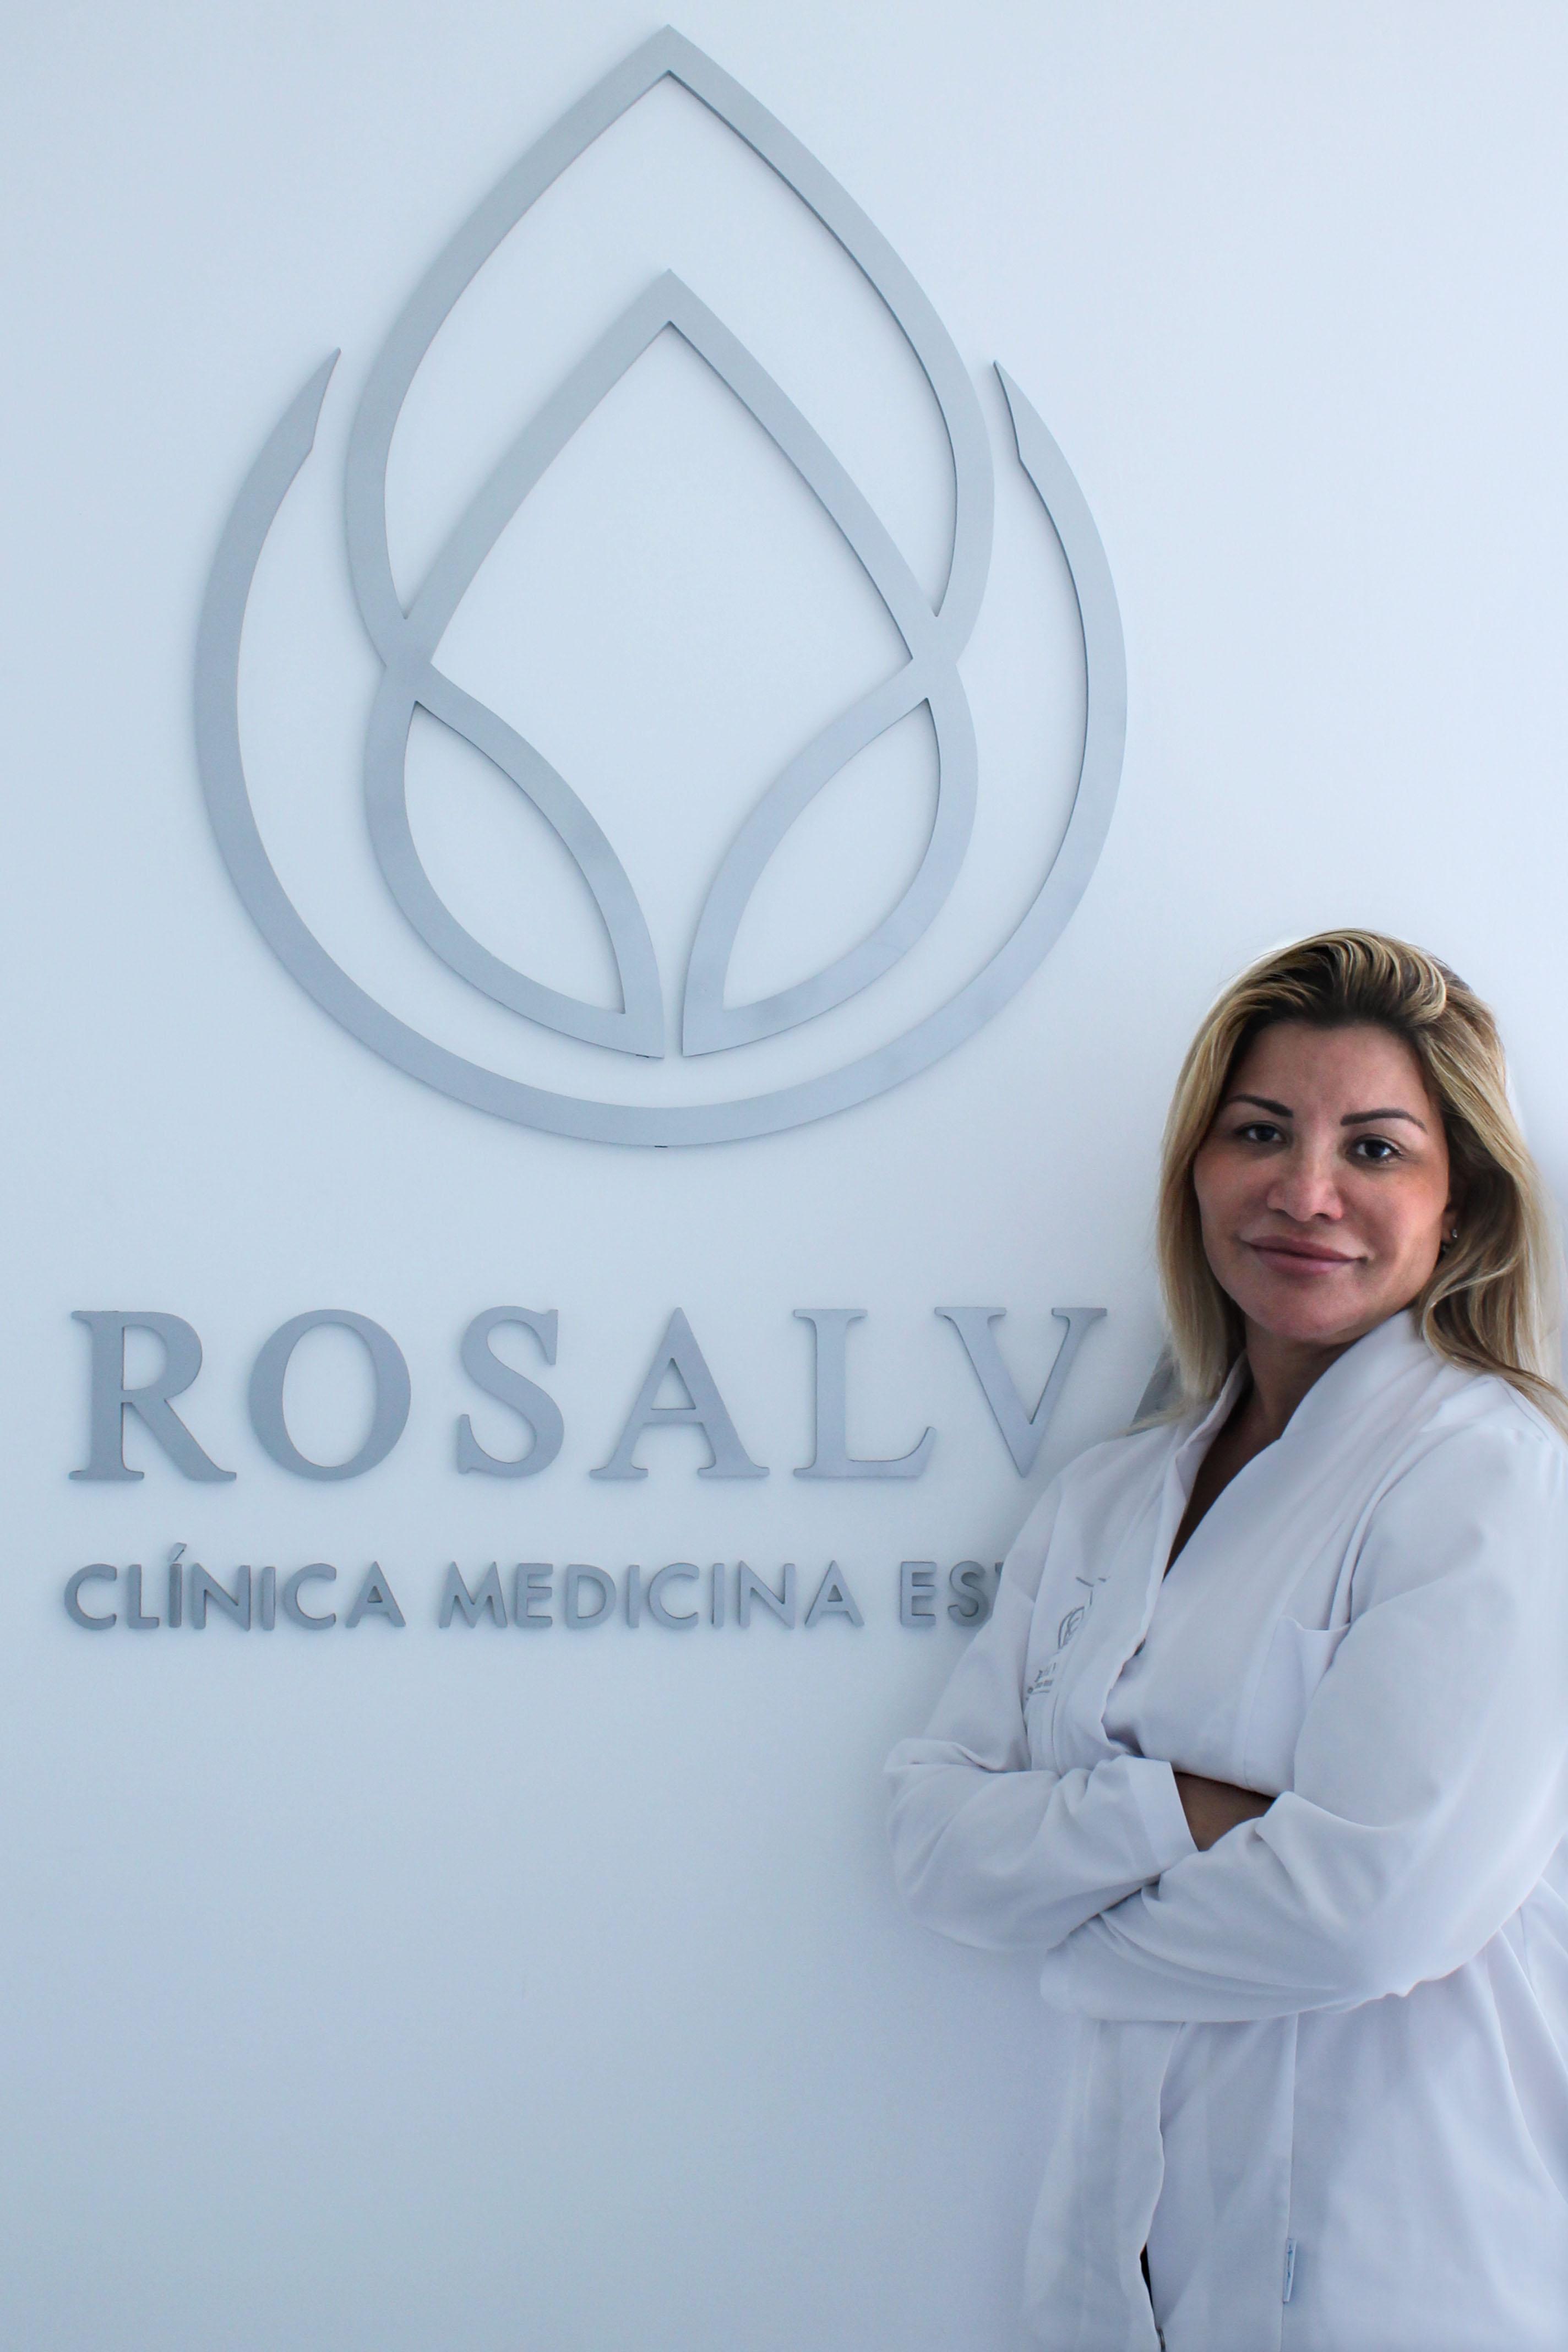 Rosalva